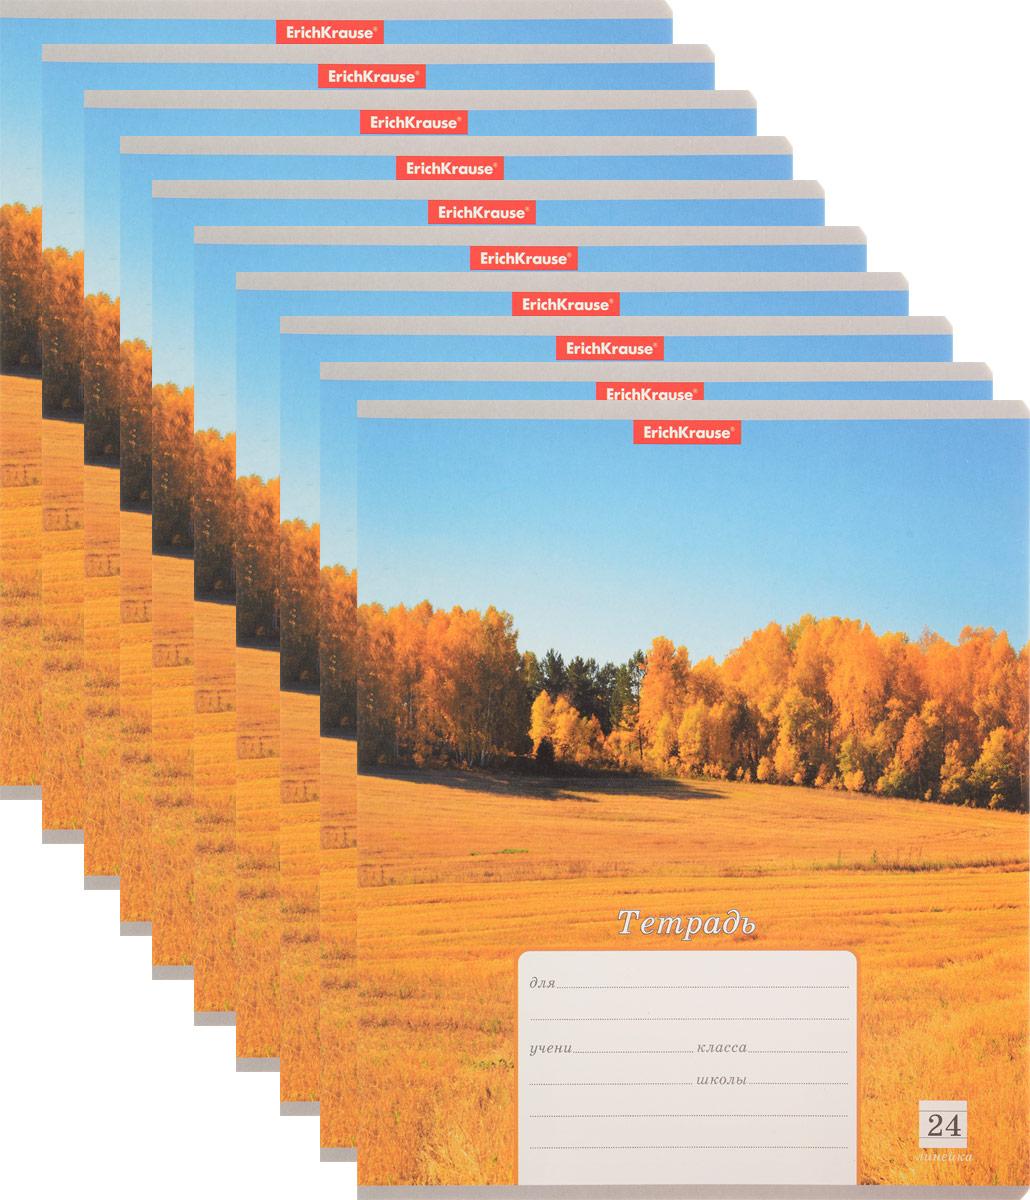 Erich Krause Набор тетрадей Родные просторы Осеннее поле 24 листа в линейку 10 шт37552_осень_полеОбложка каждой тетради выполнена из плотного картона с закругленными углами и оформлена изображением осеннего поля. На задней стороне обложки тетради представлена таблица прописей с русским и английским алфавитами.Внутренний блок каждой тетради состоит из 24 листов белой бумаги в линейку с полями.В наборе 10 тетрадей.